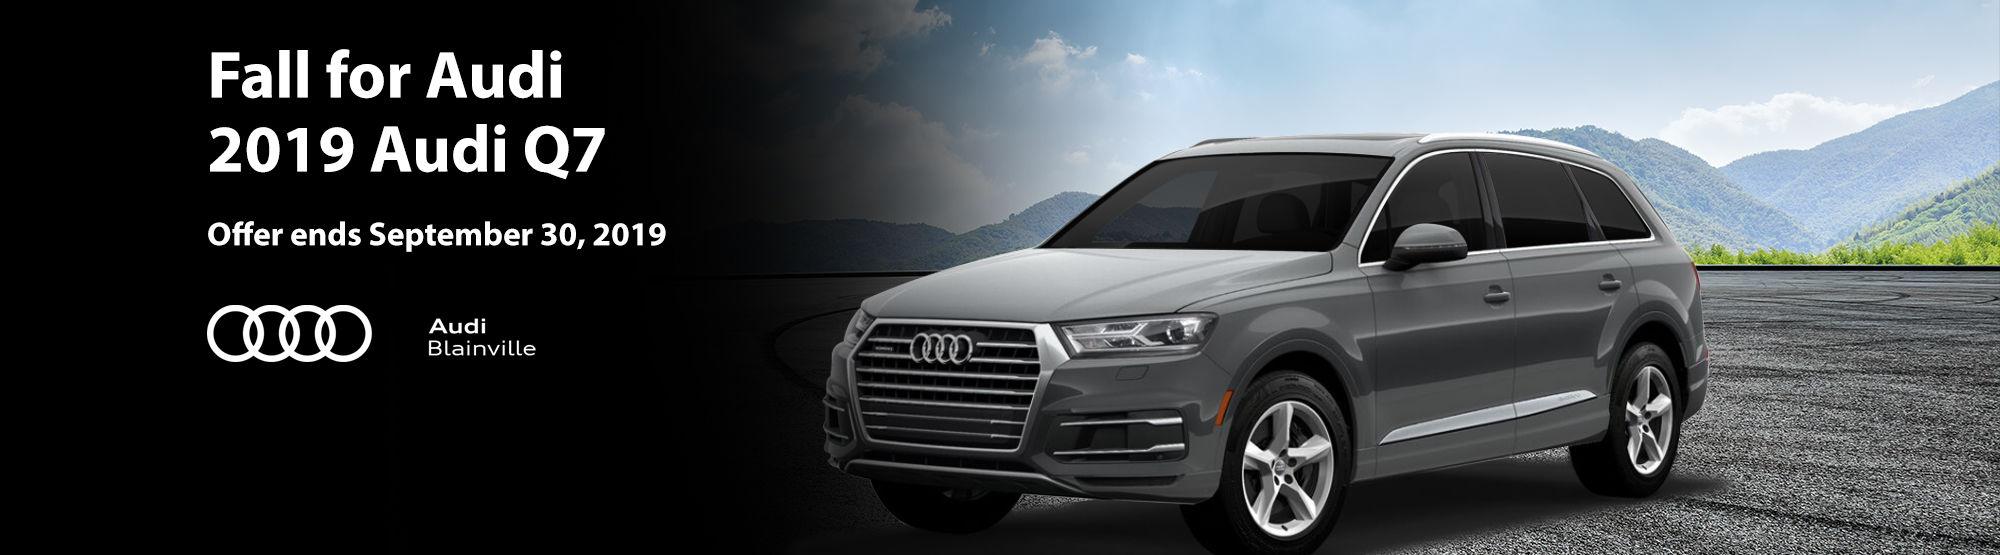 Audi Q7 September 2019